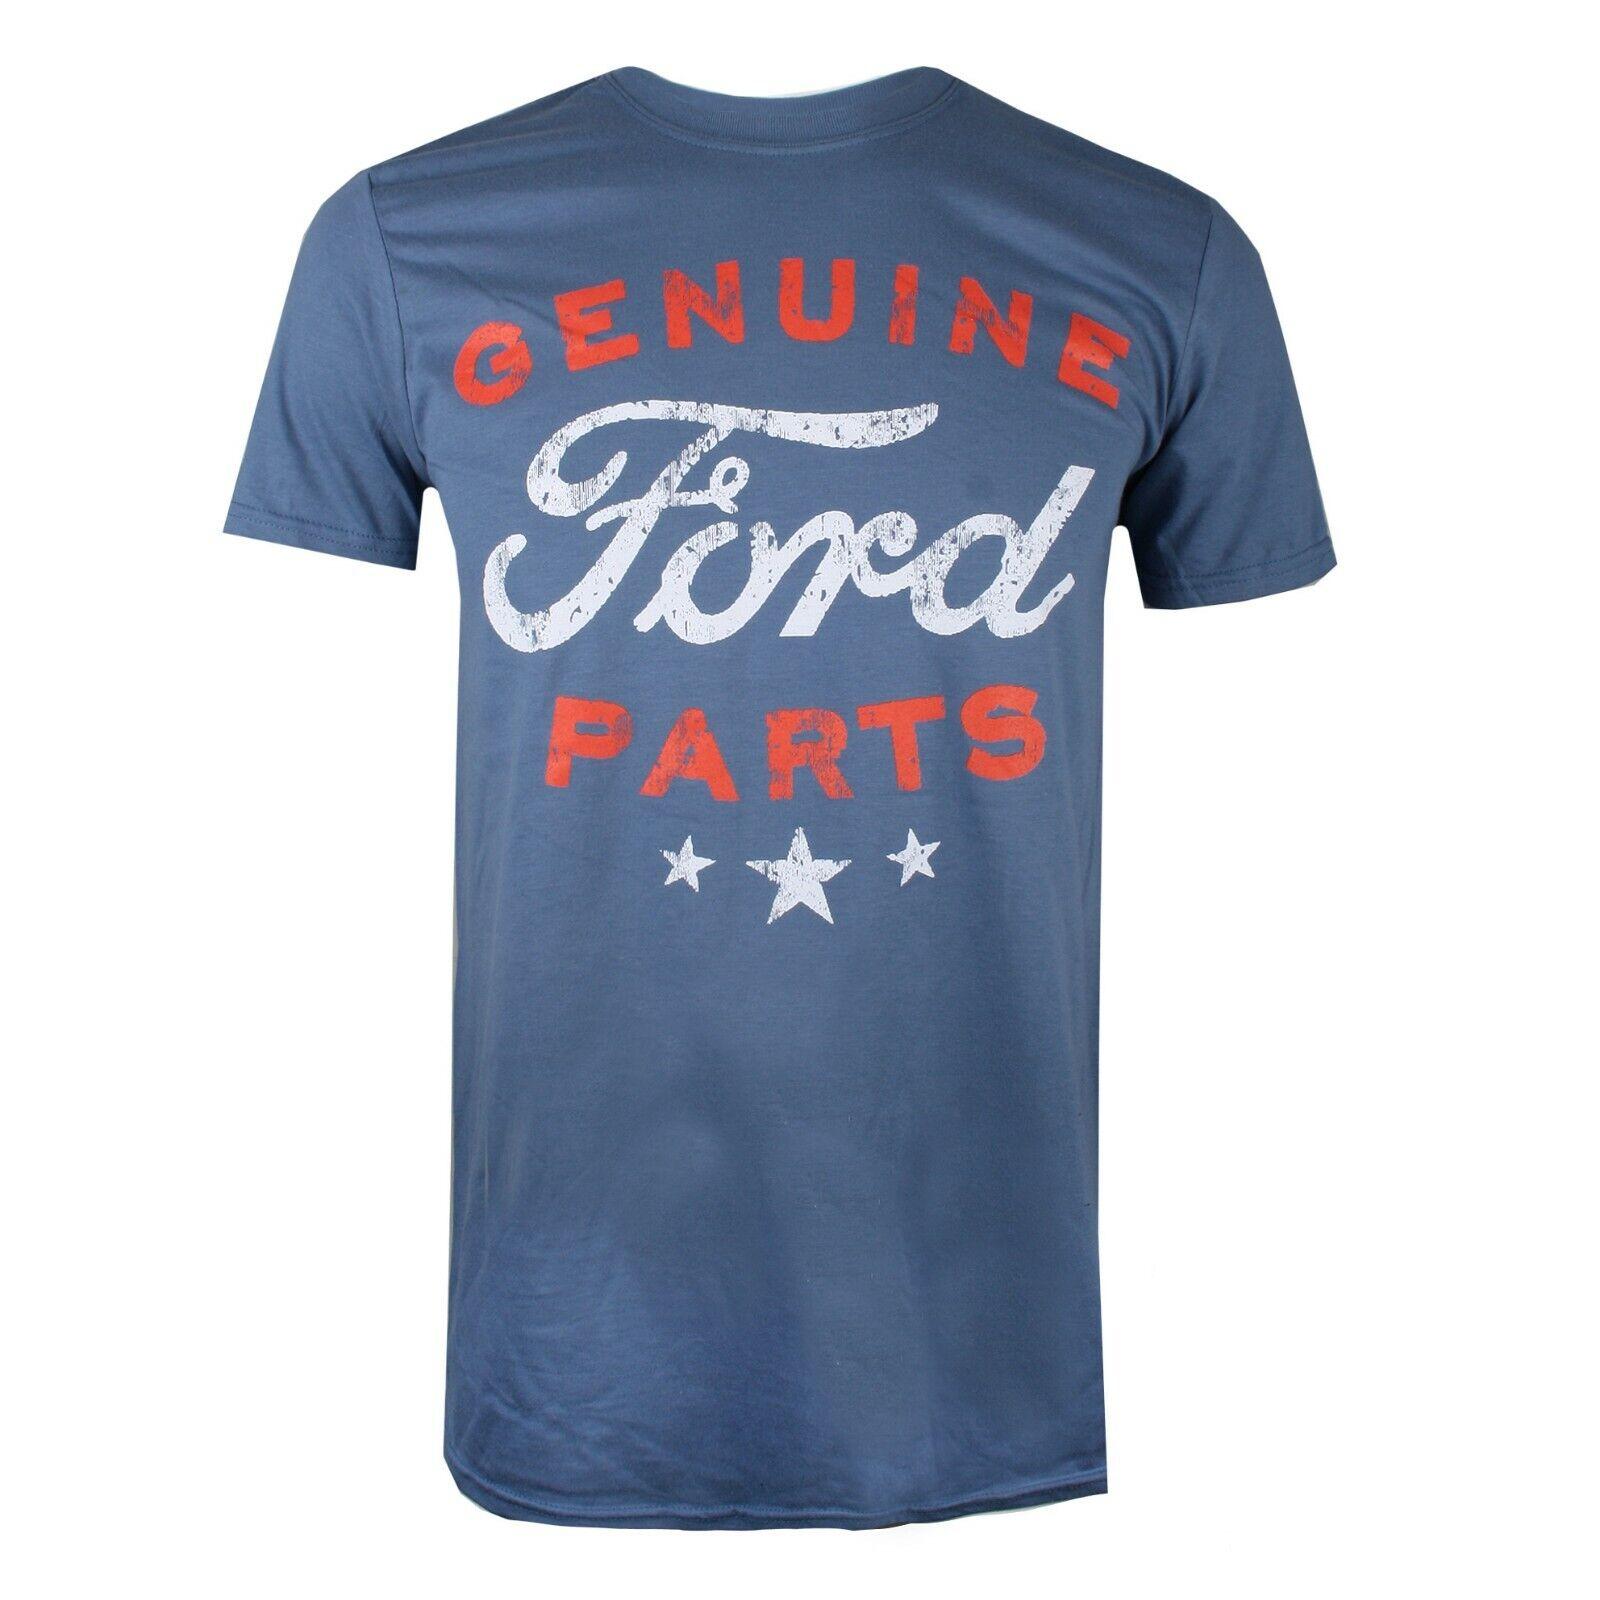 Ford Genuine Parts Heather Indigo